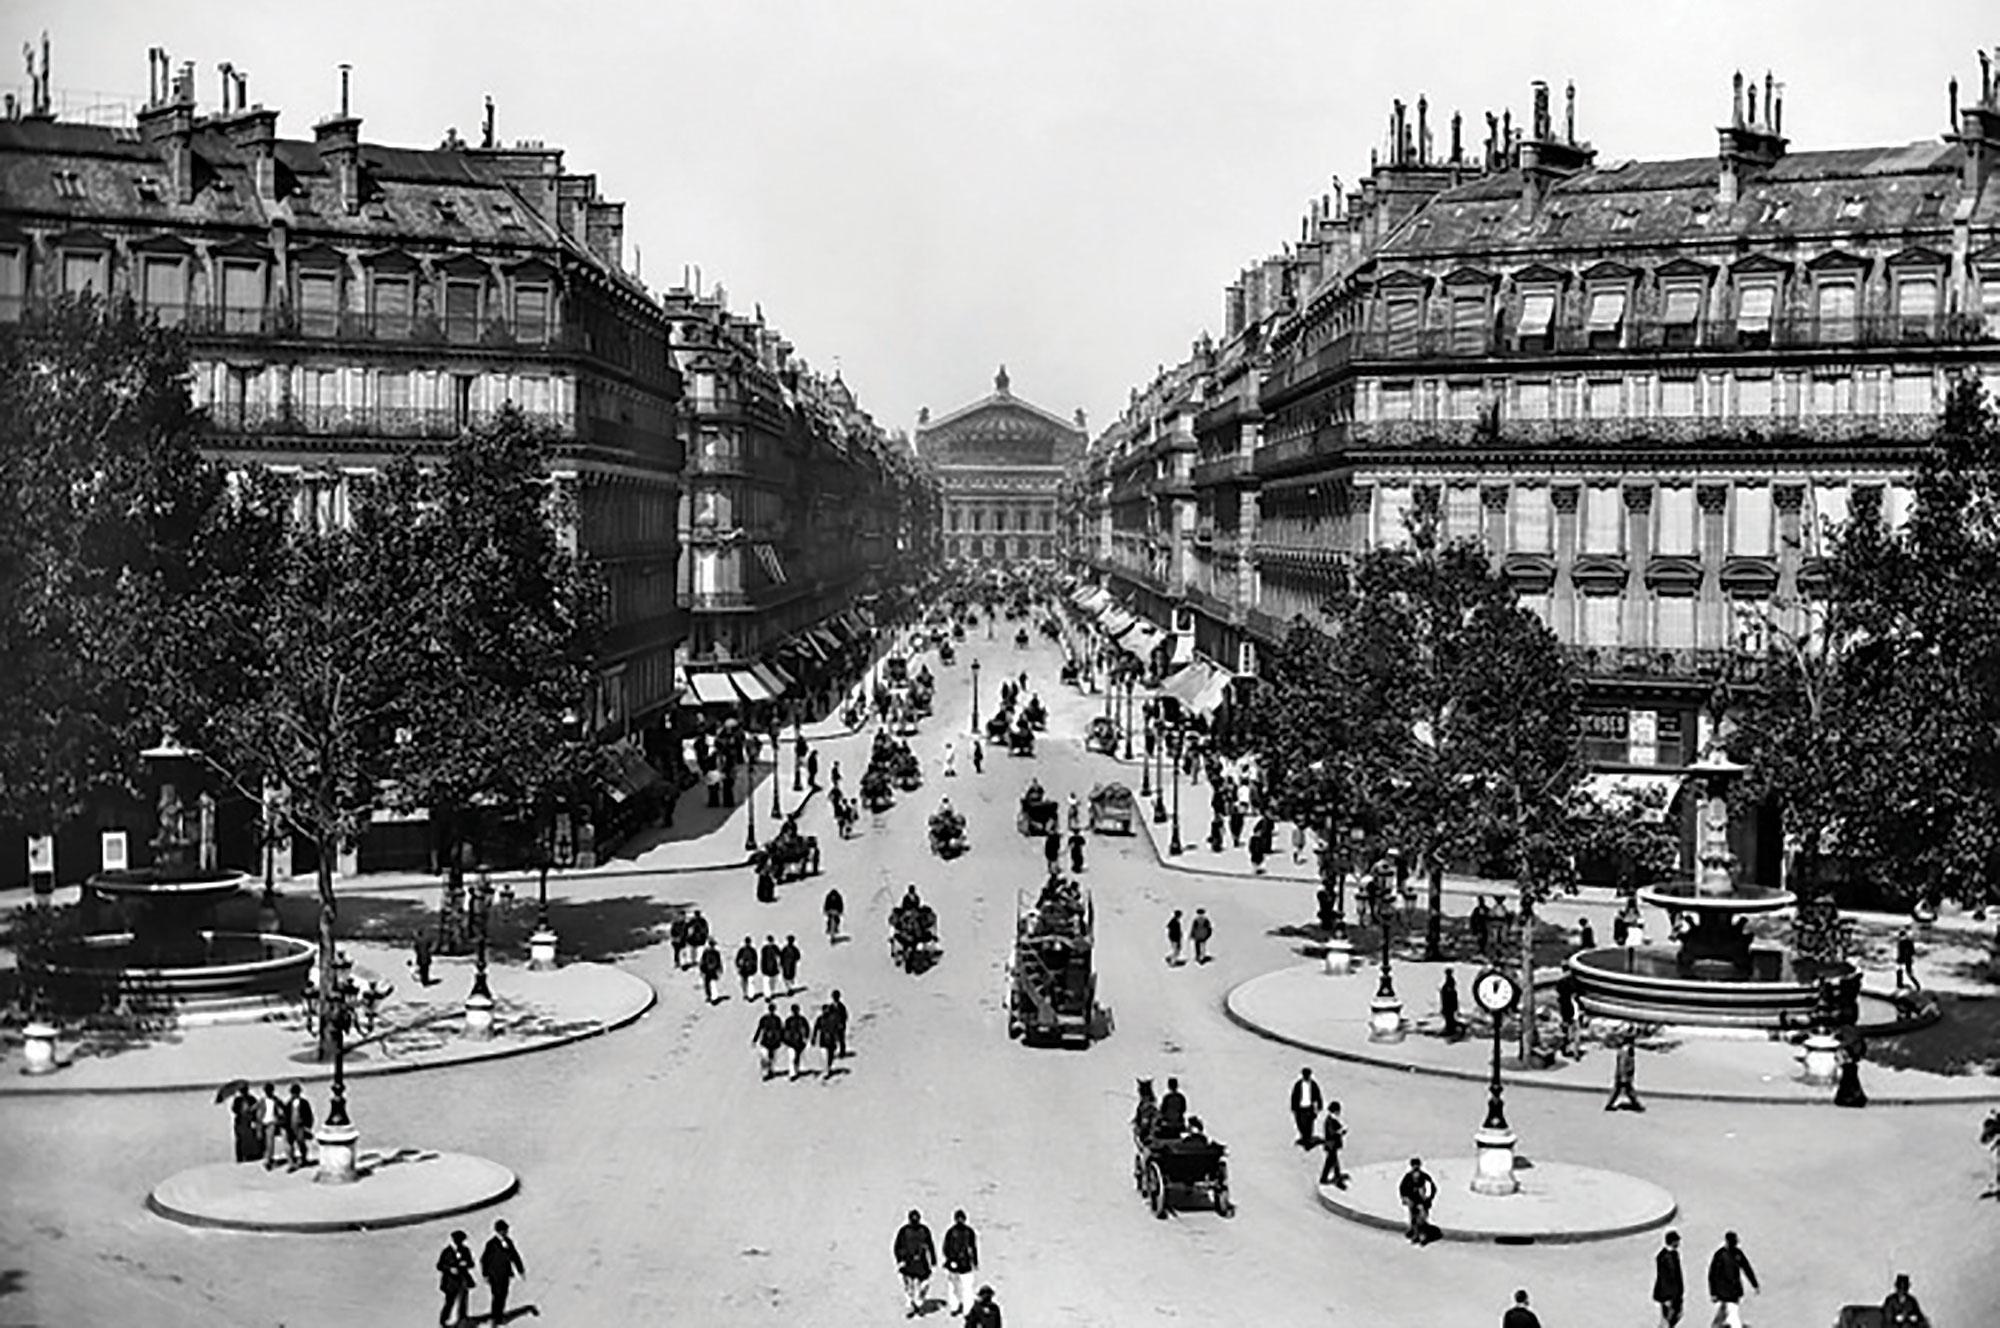 Λεωφόροι της Μοντέρνας Εποχής: Παρίσι, Βερολίνο